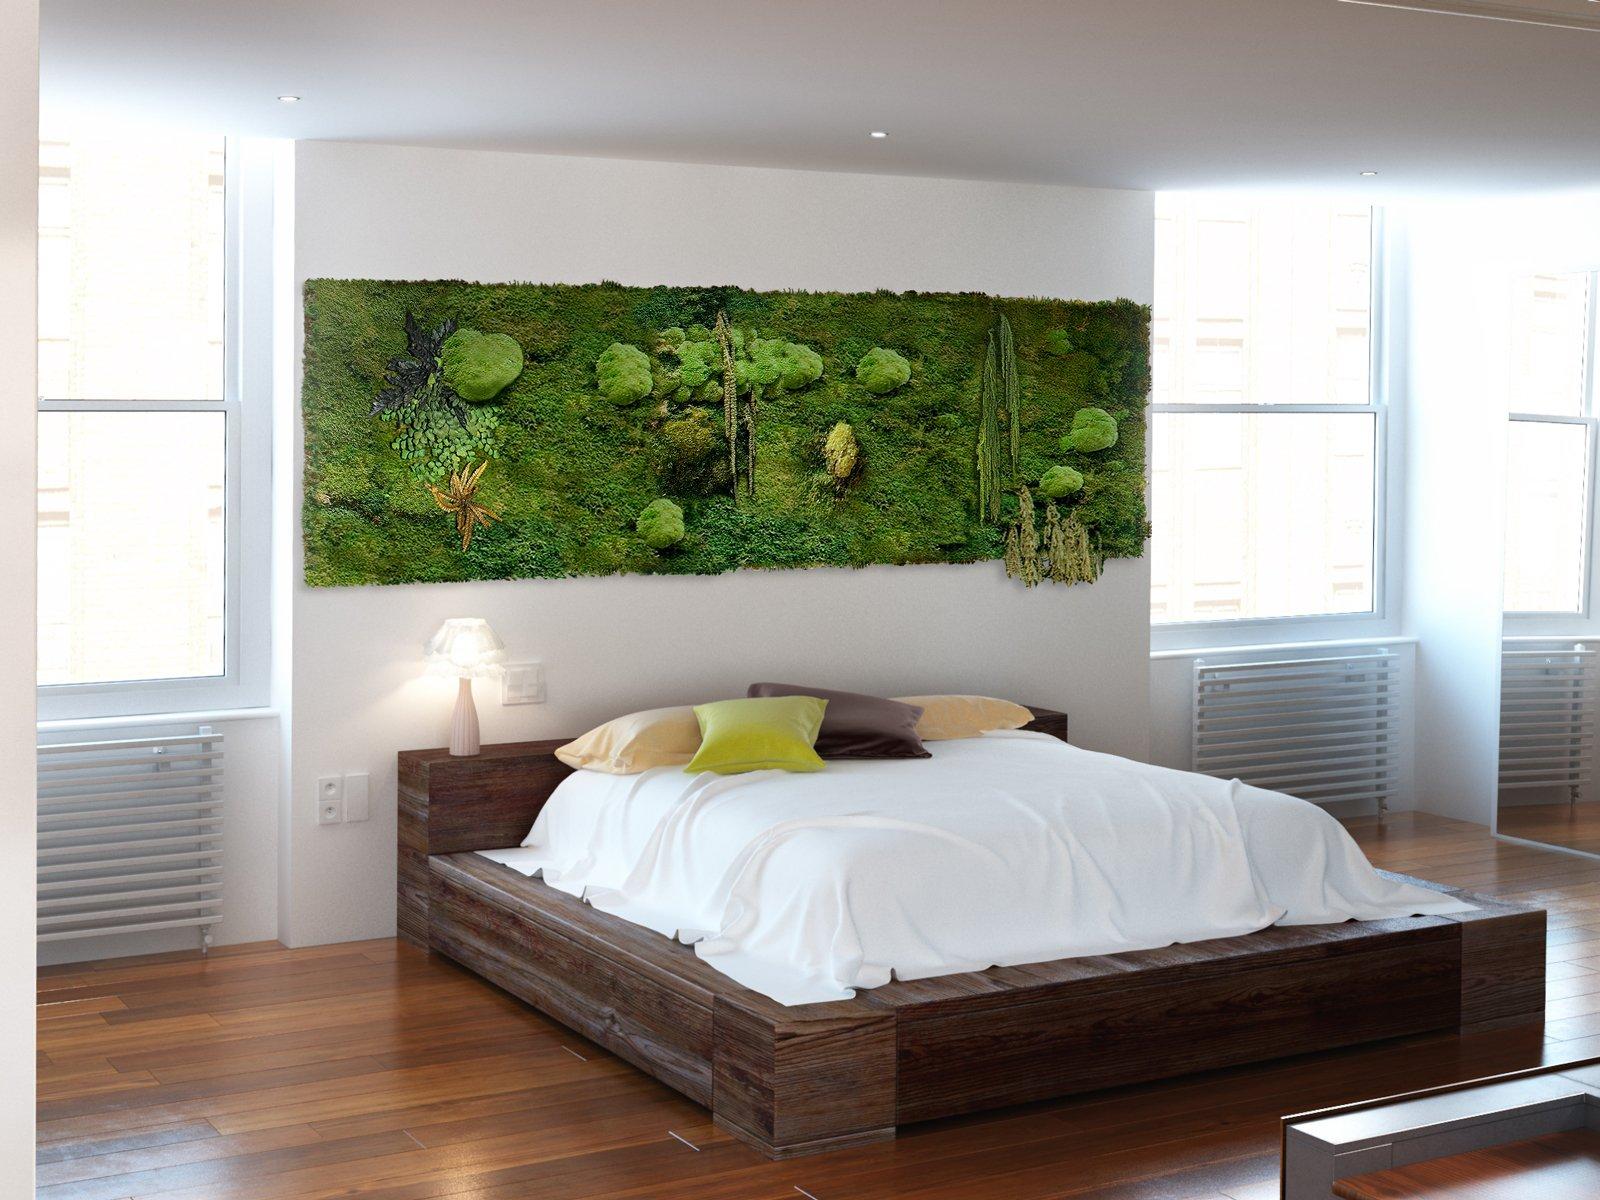 Arredare con le piante una parete verde in casa cose di for Arredare parete